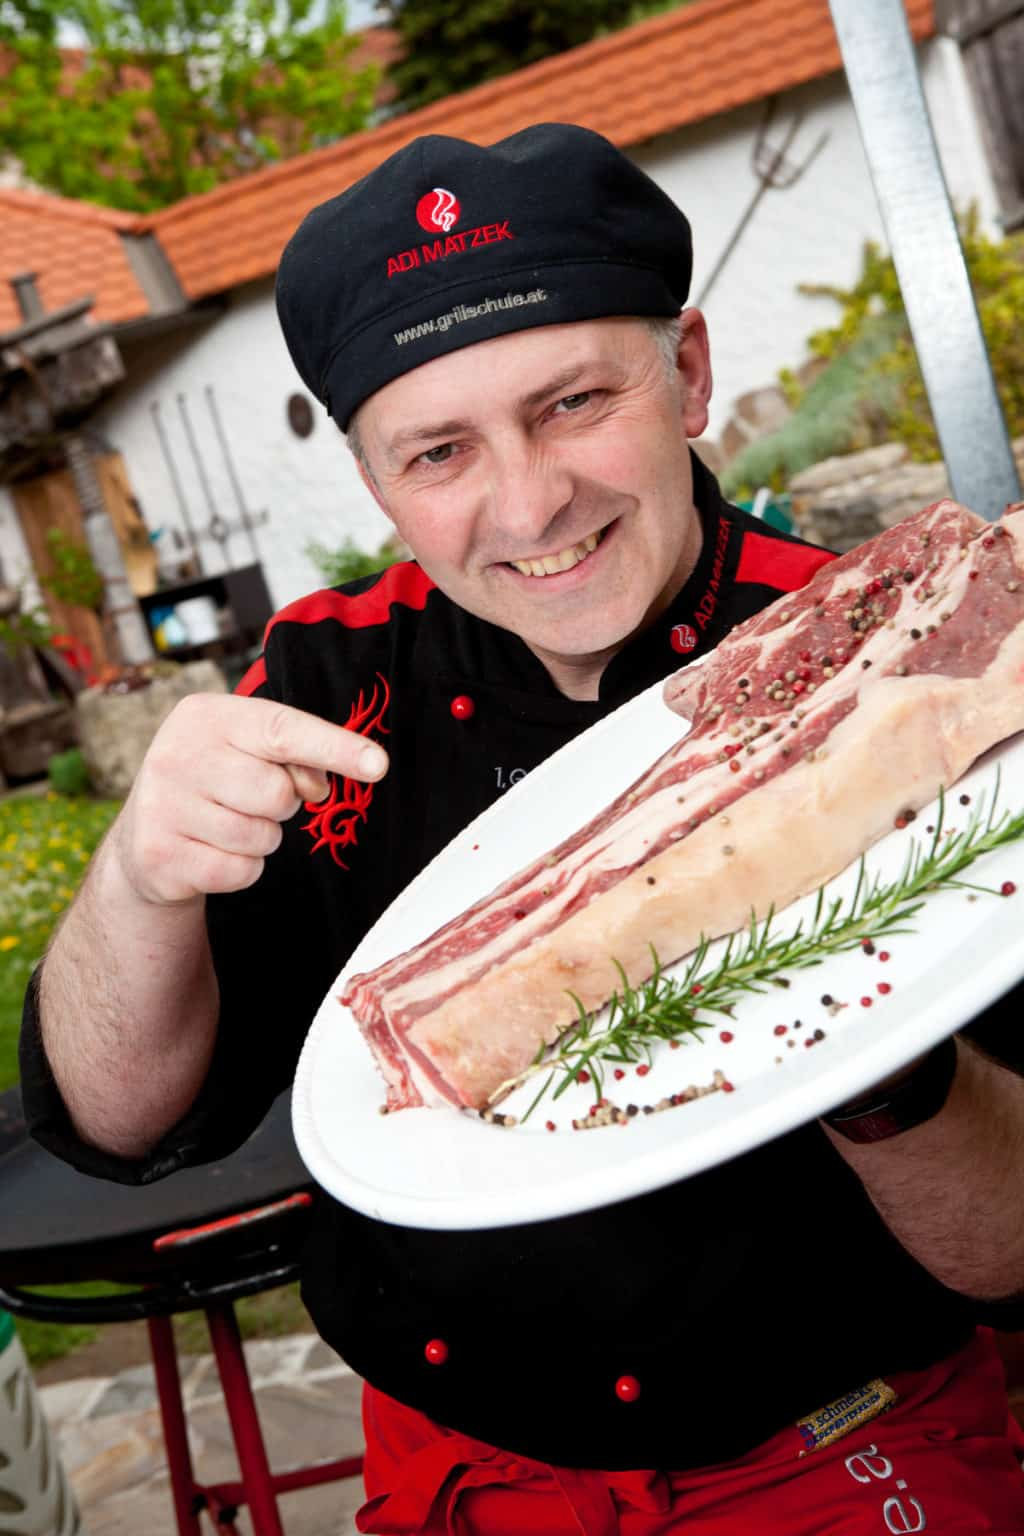 Adi Matzek Thomohawk Steak